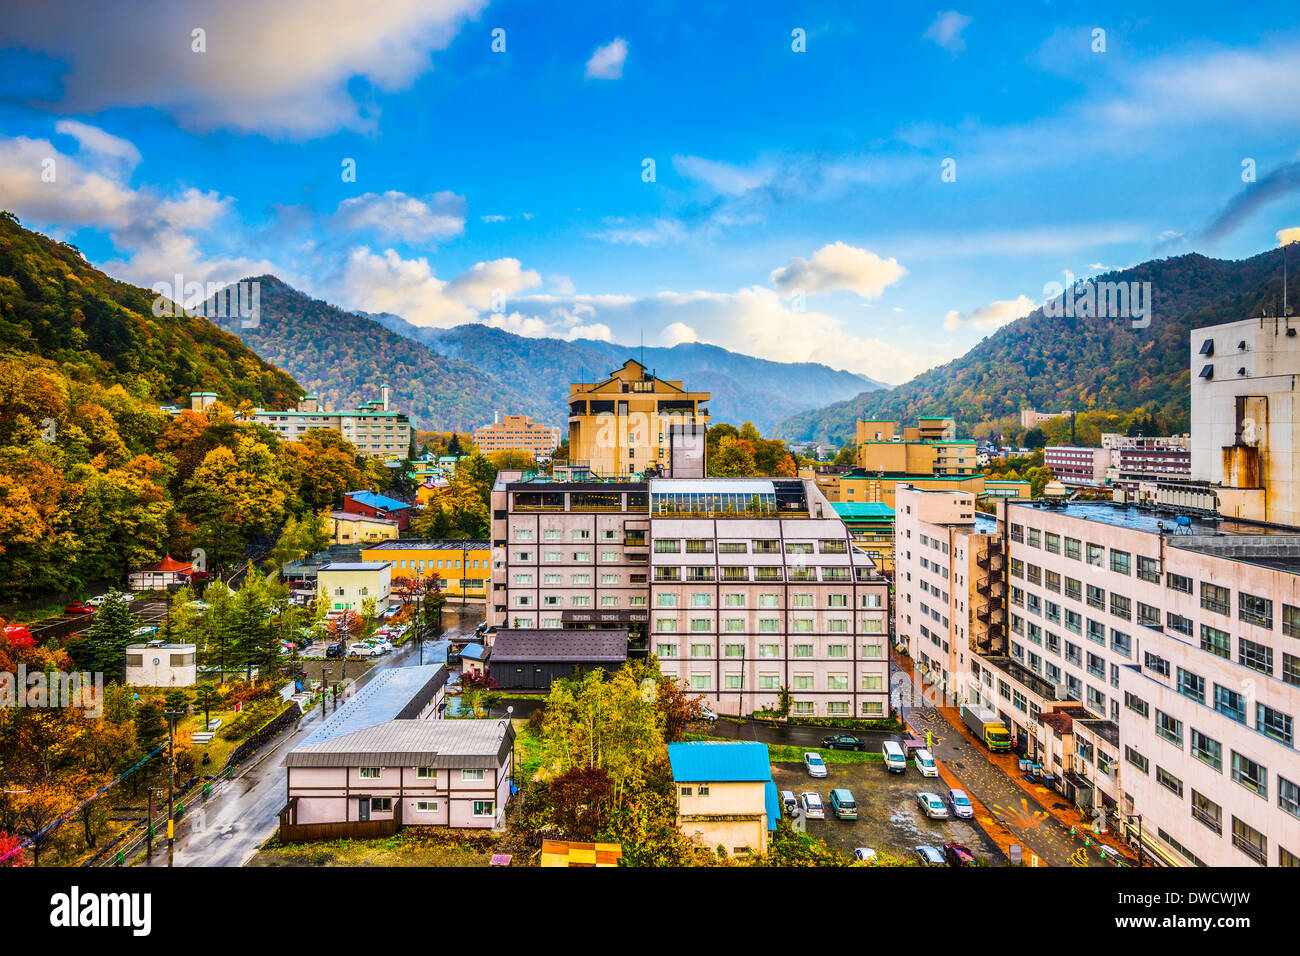 Jozankei, Giappone Hot Spring Resort città durante la stagione autunnale. Immagini Stock